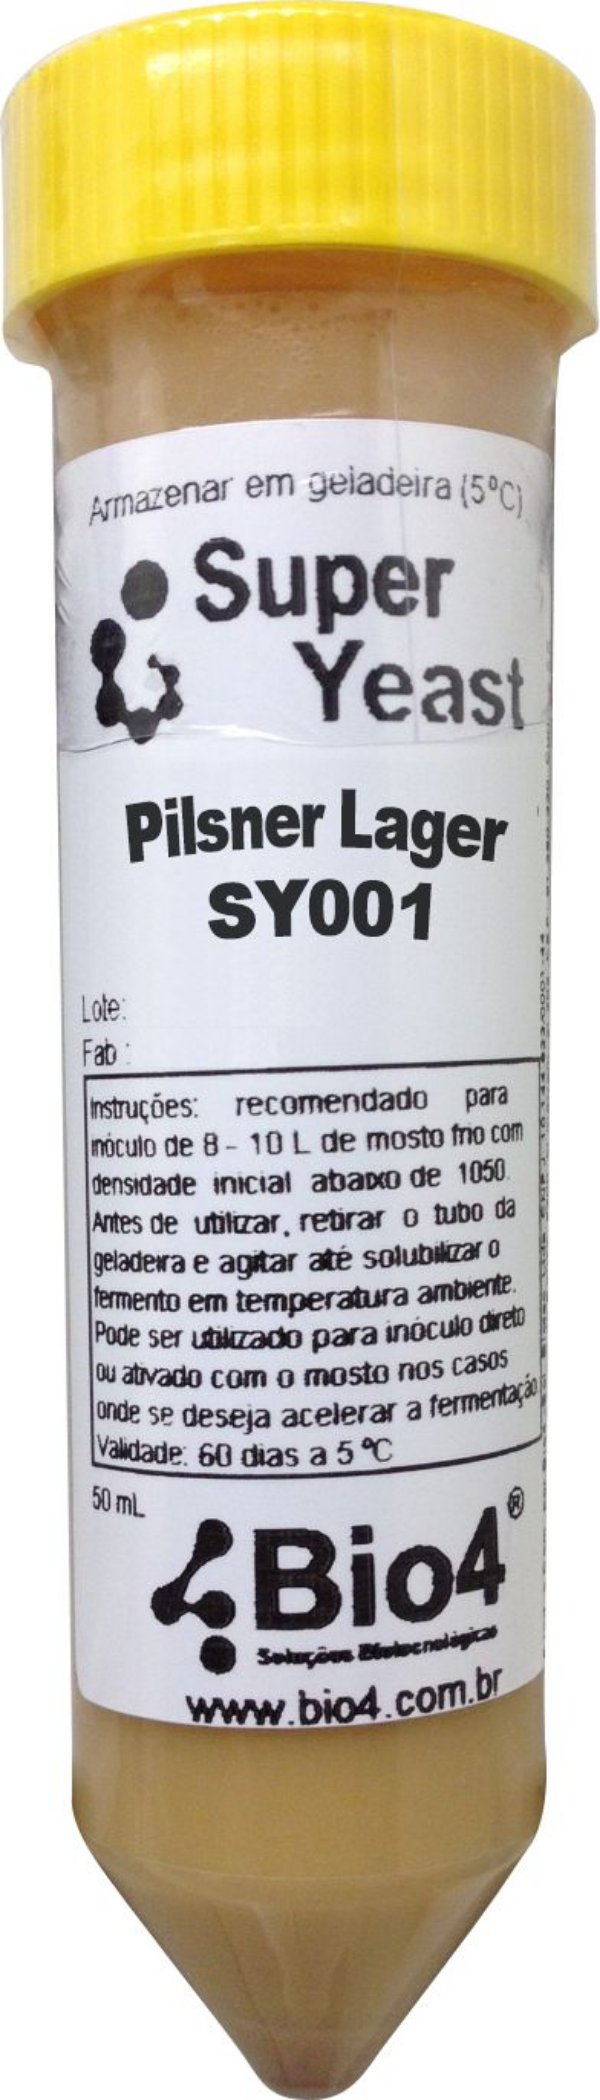 BIO4 Levedura Líquida Pilsner Lager SY001- Frasco 50ml